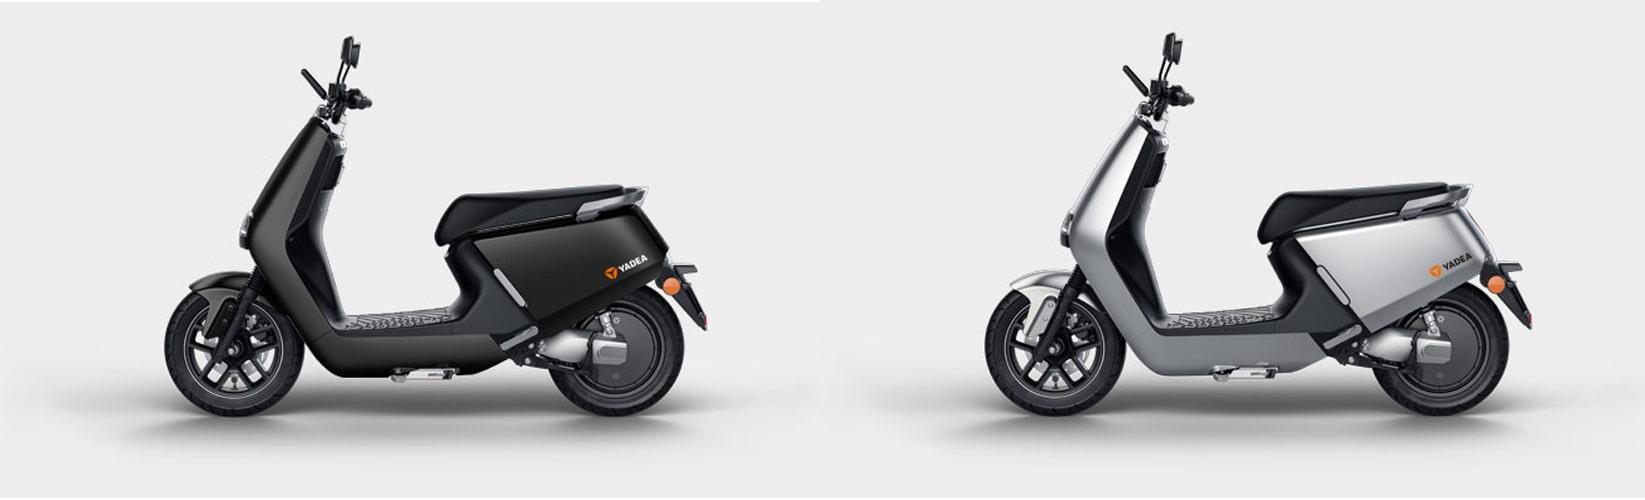 Yadea G5 ปี 2020 สีดำ-สีเทา